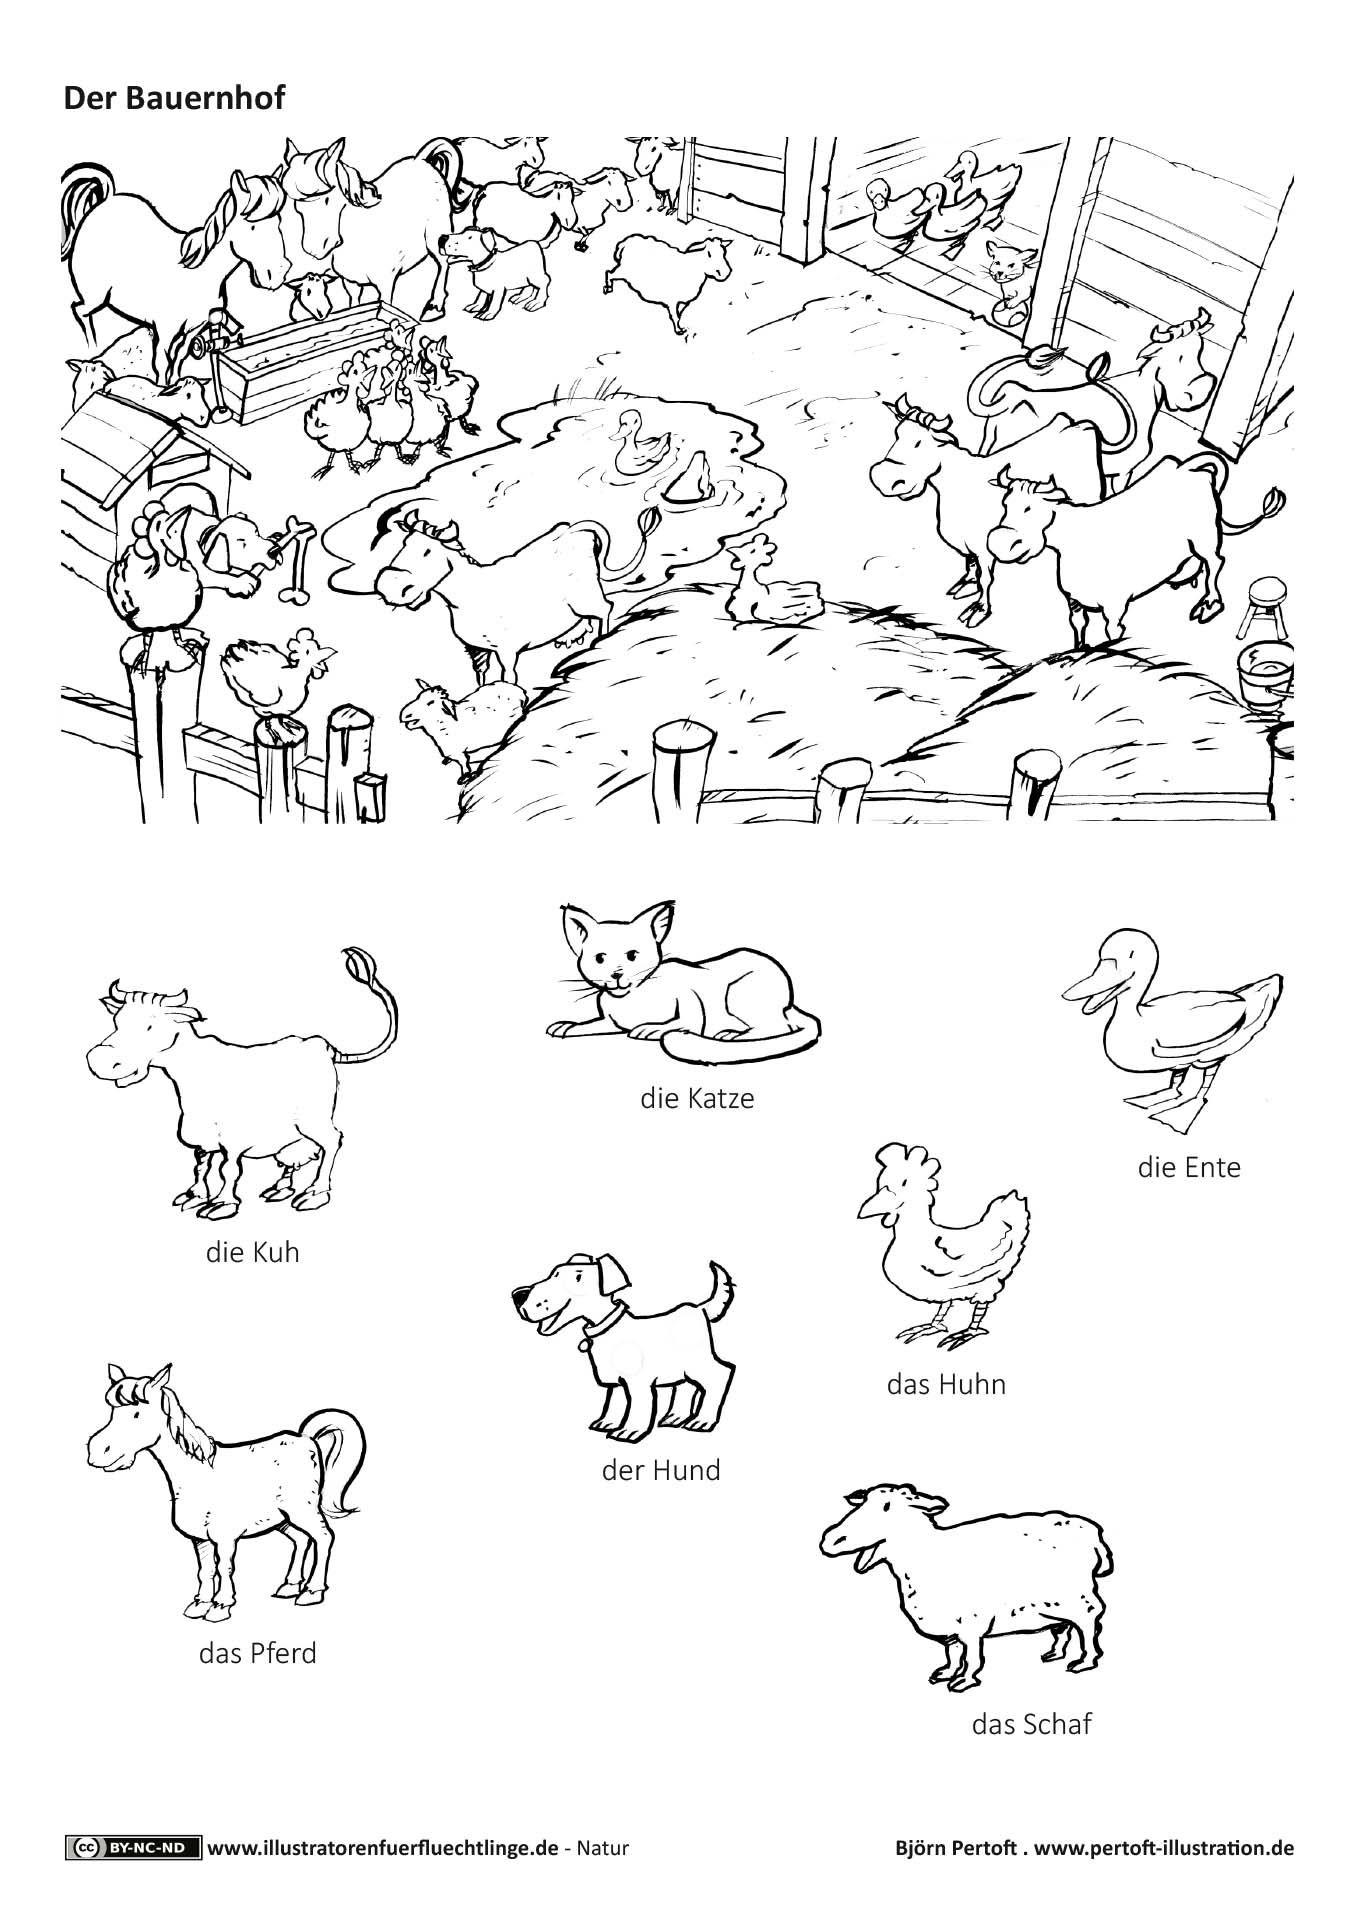 Download als PDF: Natur – Bauernhof Haustiere Nutztiere Tiere ...